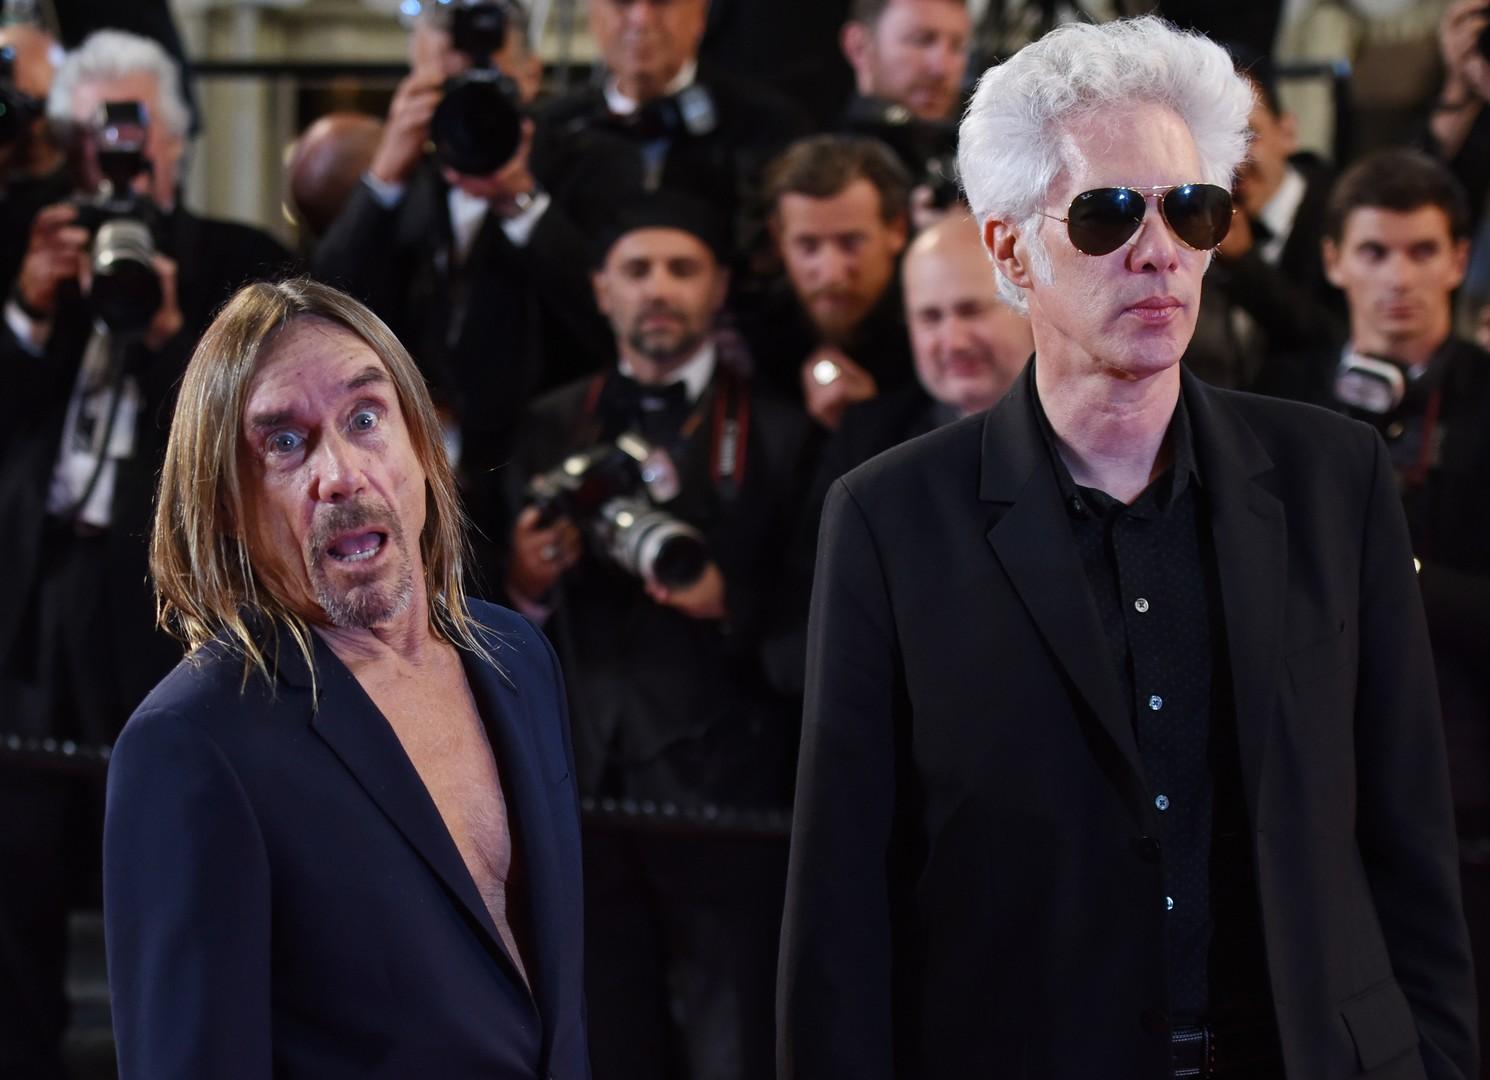 Режиссёр Джим Джармуш и американский рок-музыкант Игги Поп  на красной дорожке премьеры фильма «Дай мне опасность» (Gimme Danger) в рамках 69-го Каннского кинофестиваля.